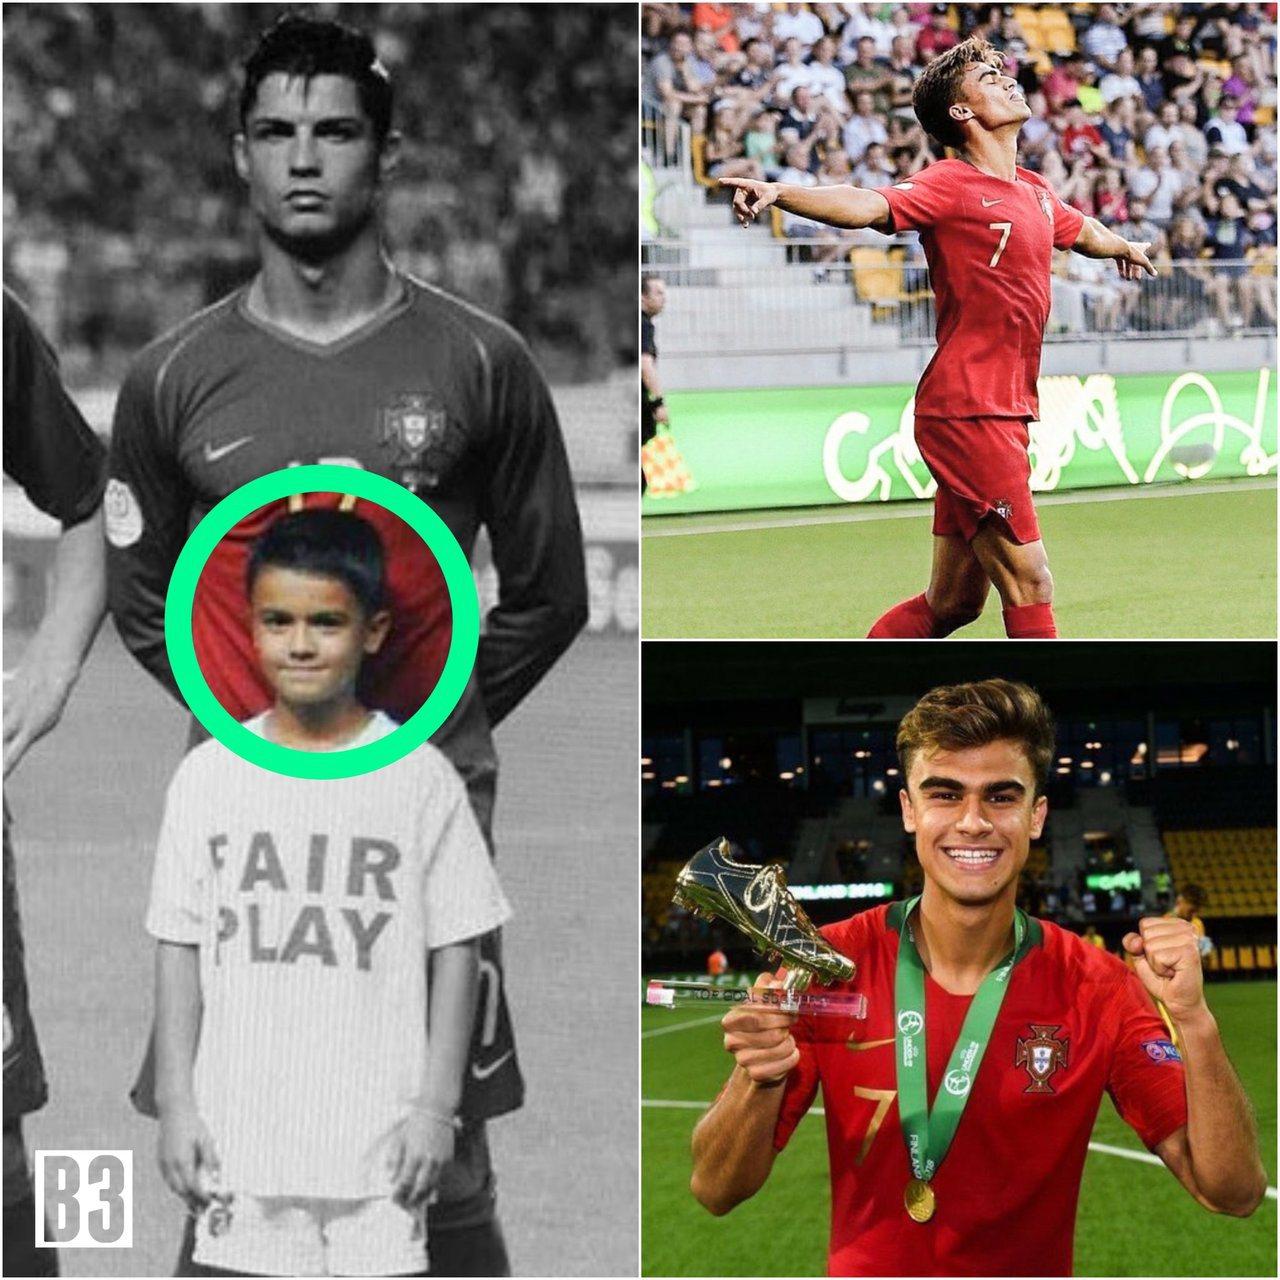 效力於本非卡青年隊,身兼U19葡萄牙國家隊雙核心之一的約塔在奪冠後,貼出自己與偶...